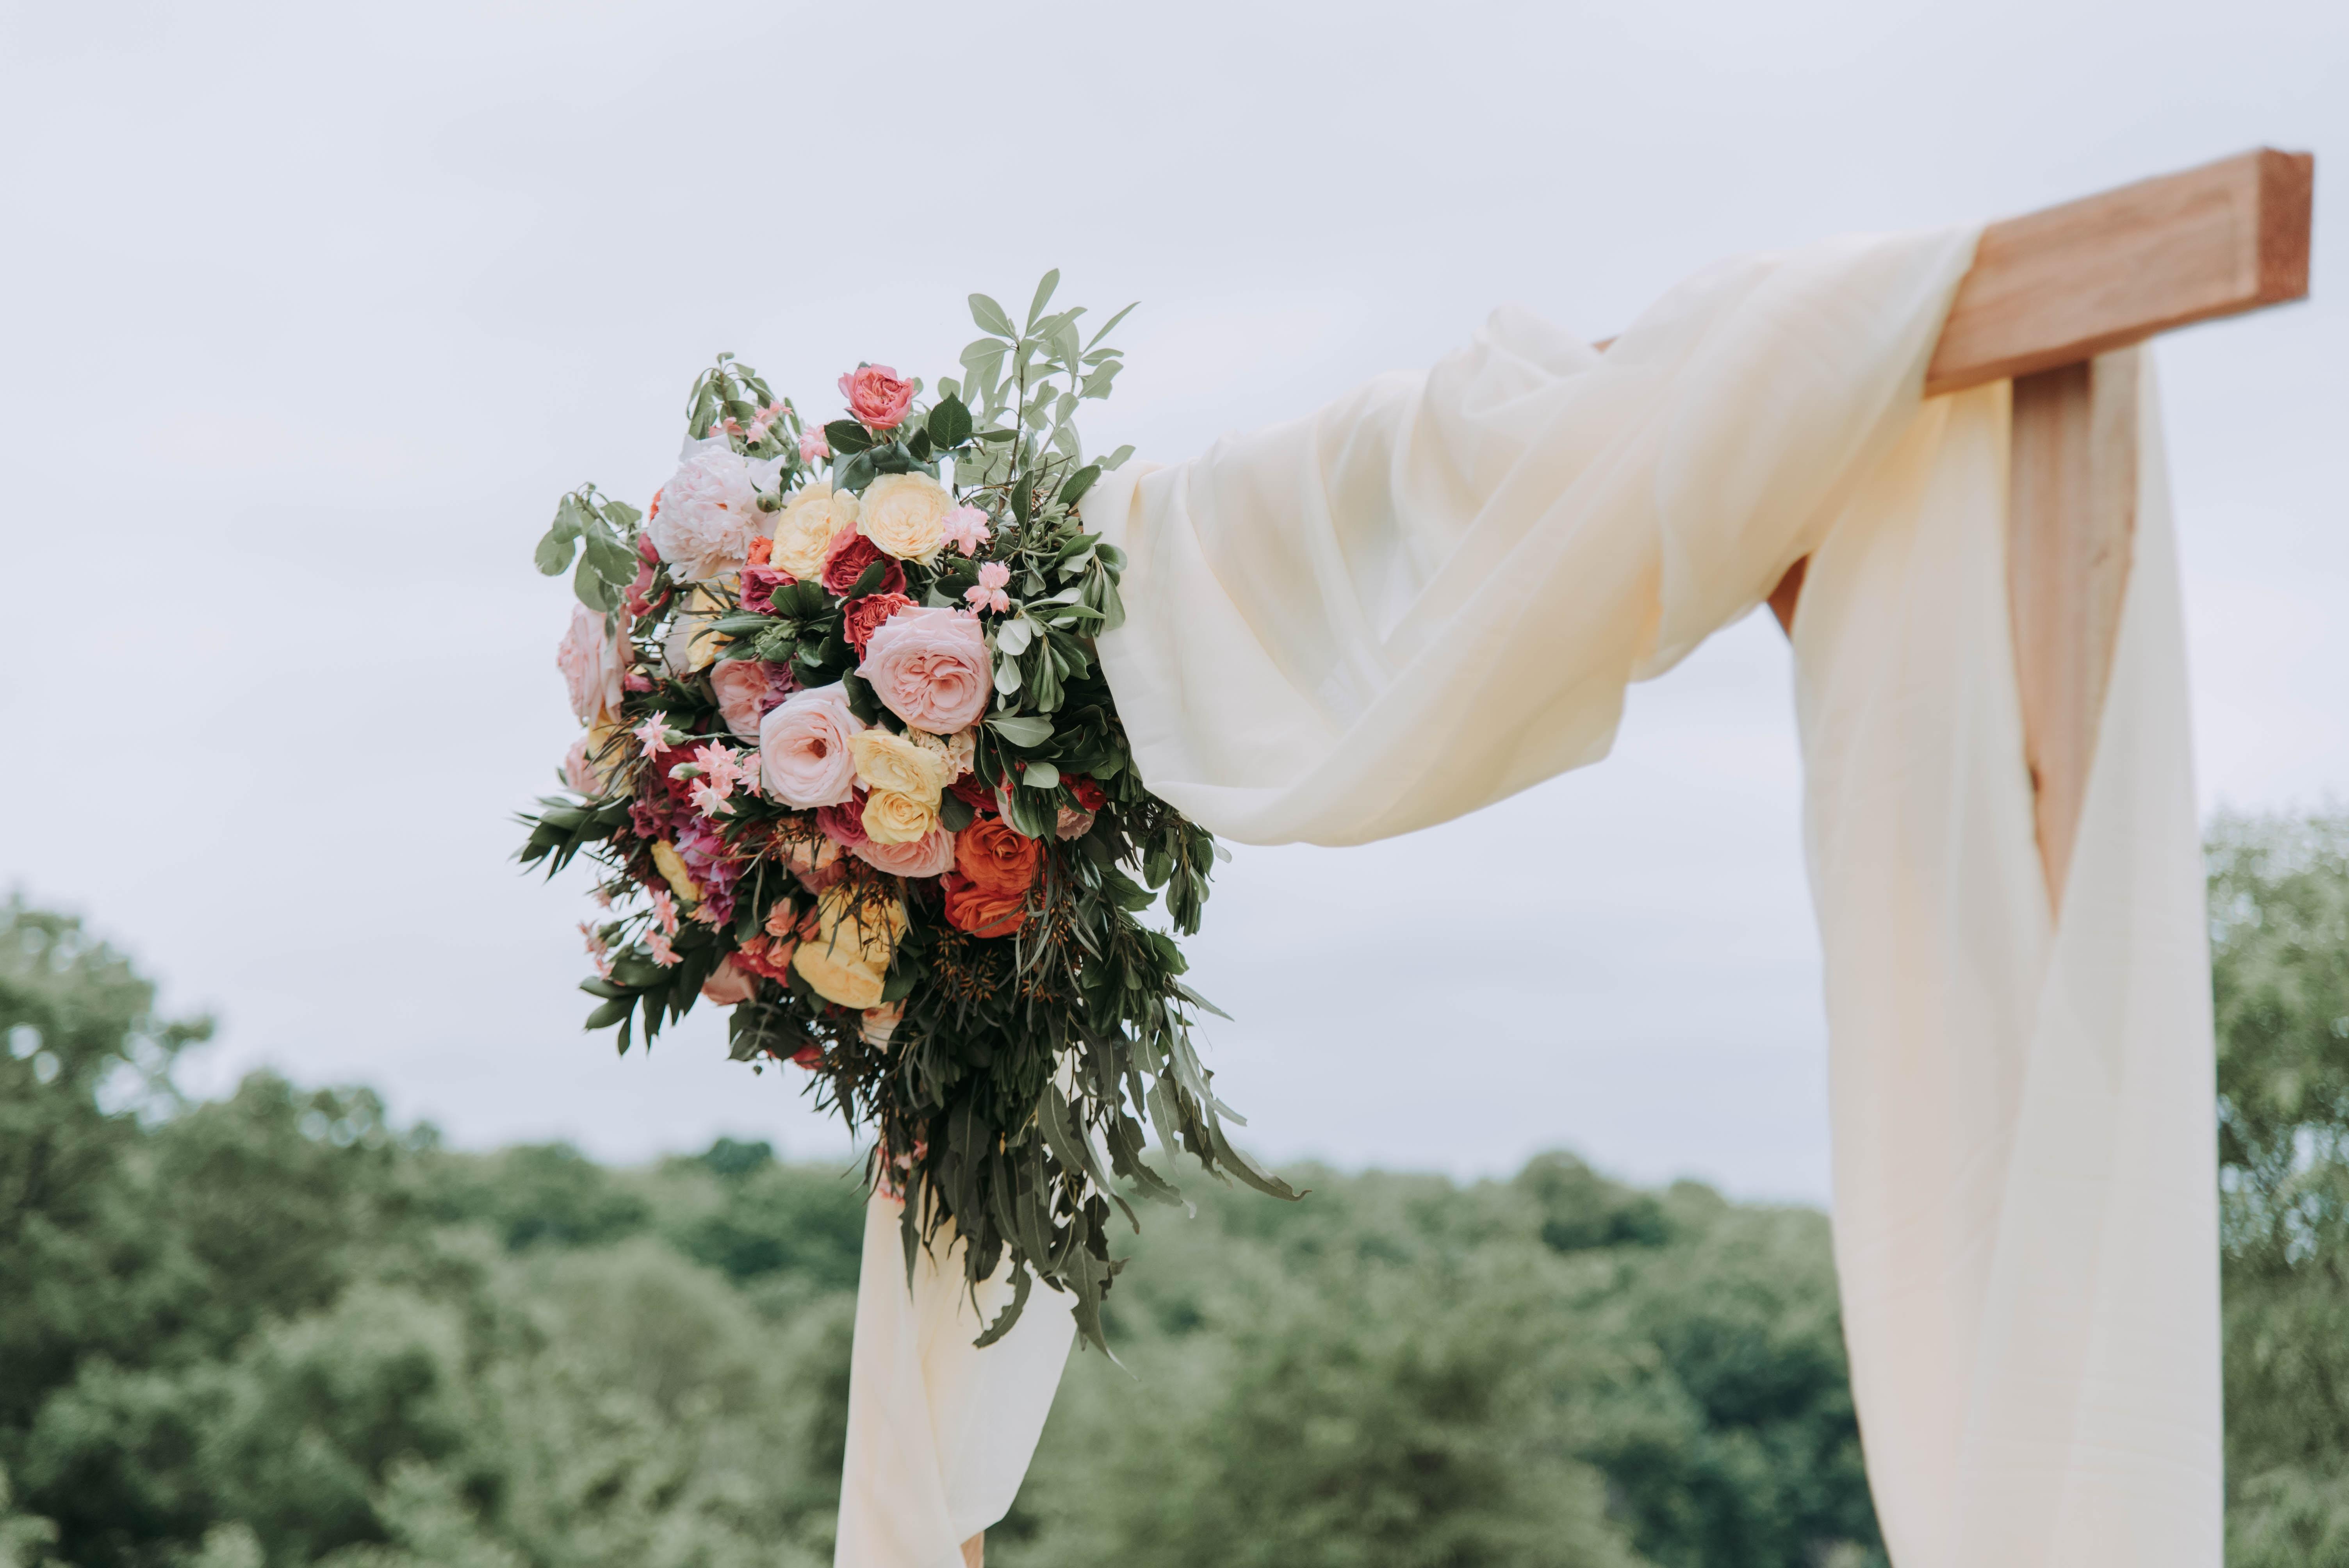 Decori floreali per celebrazione matrimonio